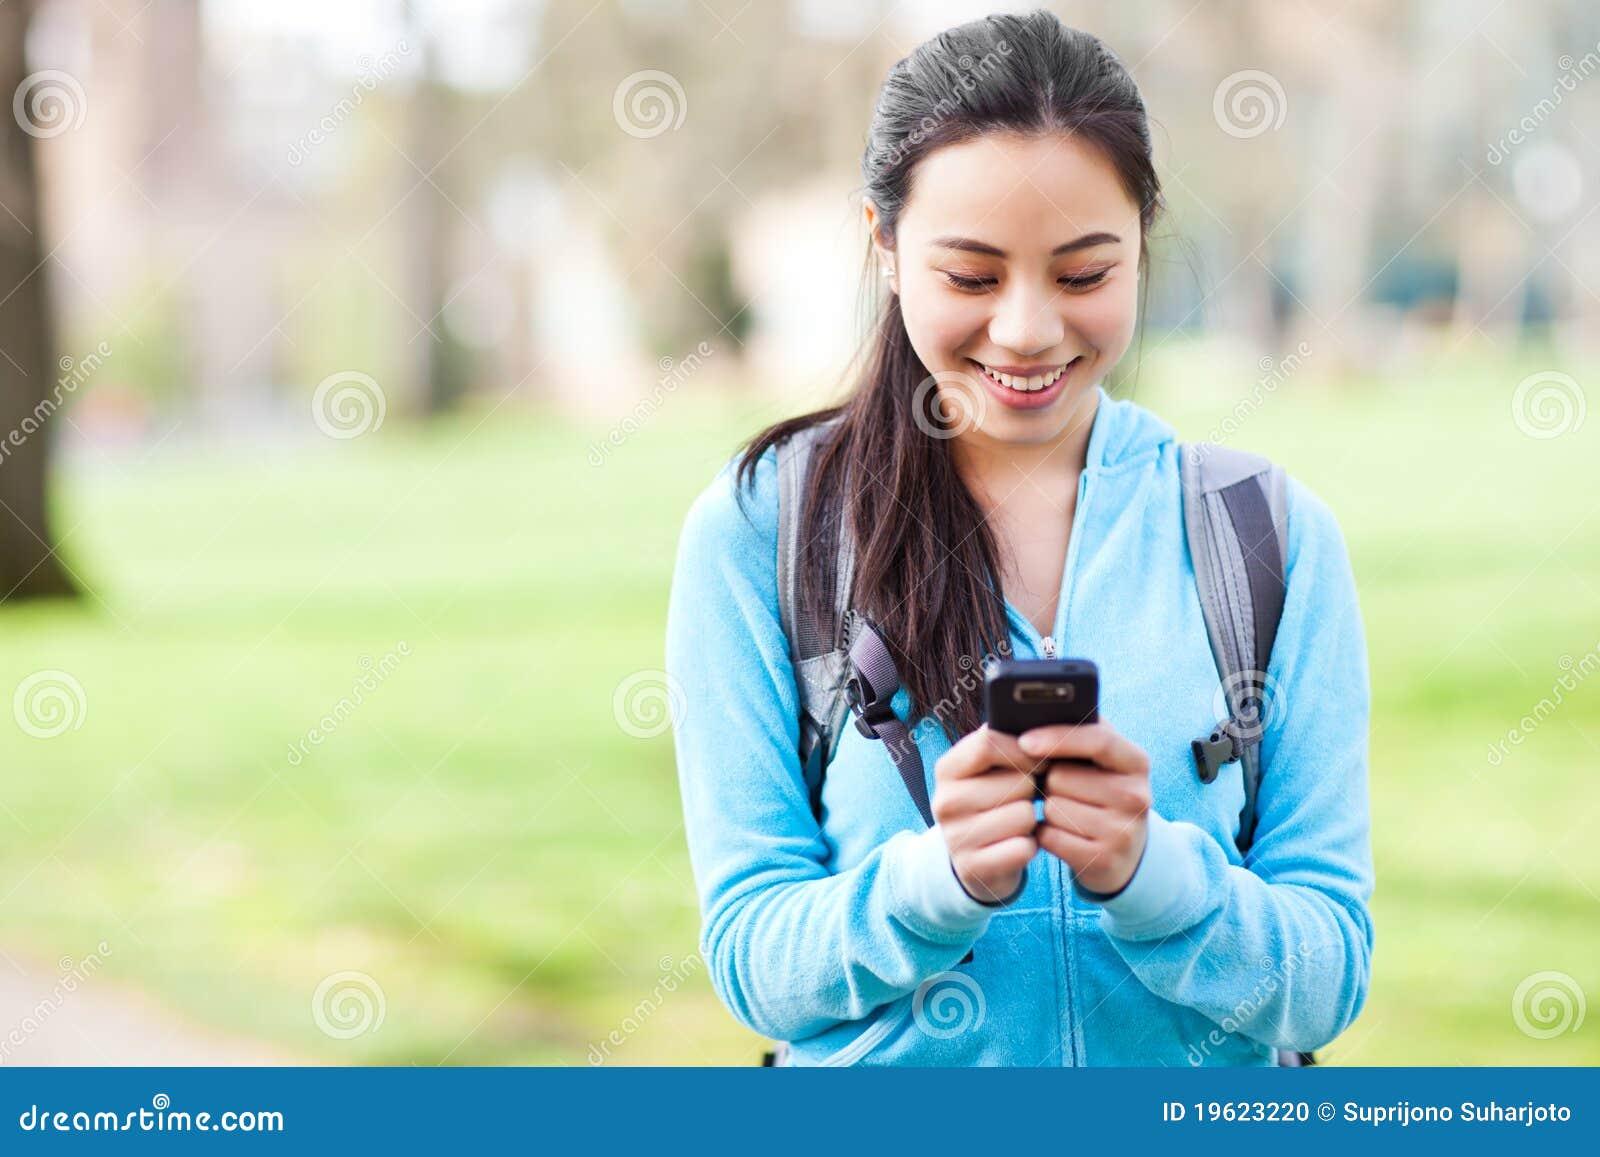 Estudiante asiático texting en el teléfono